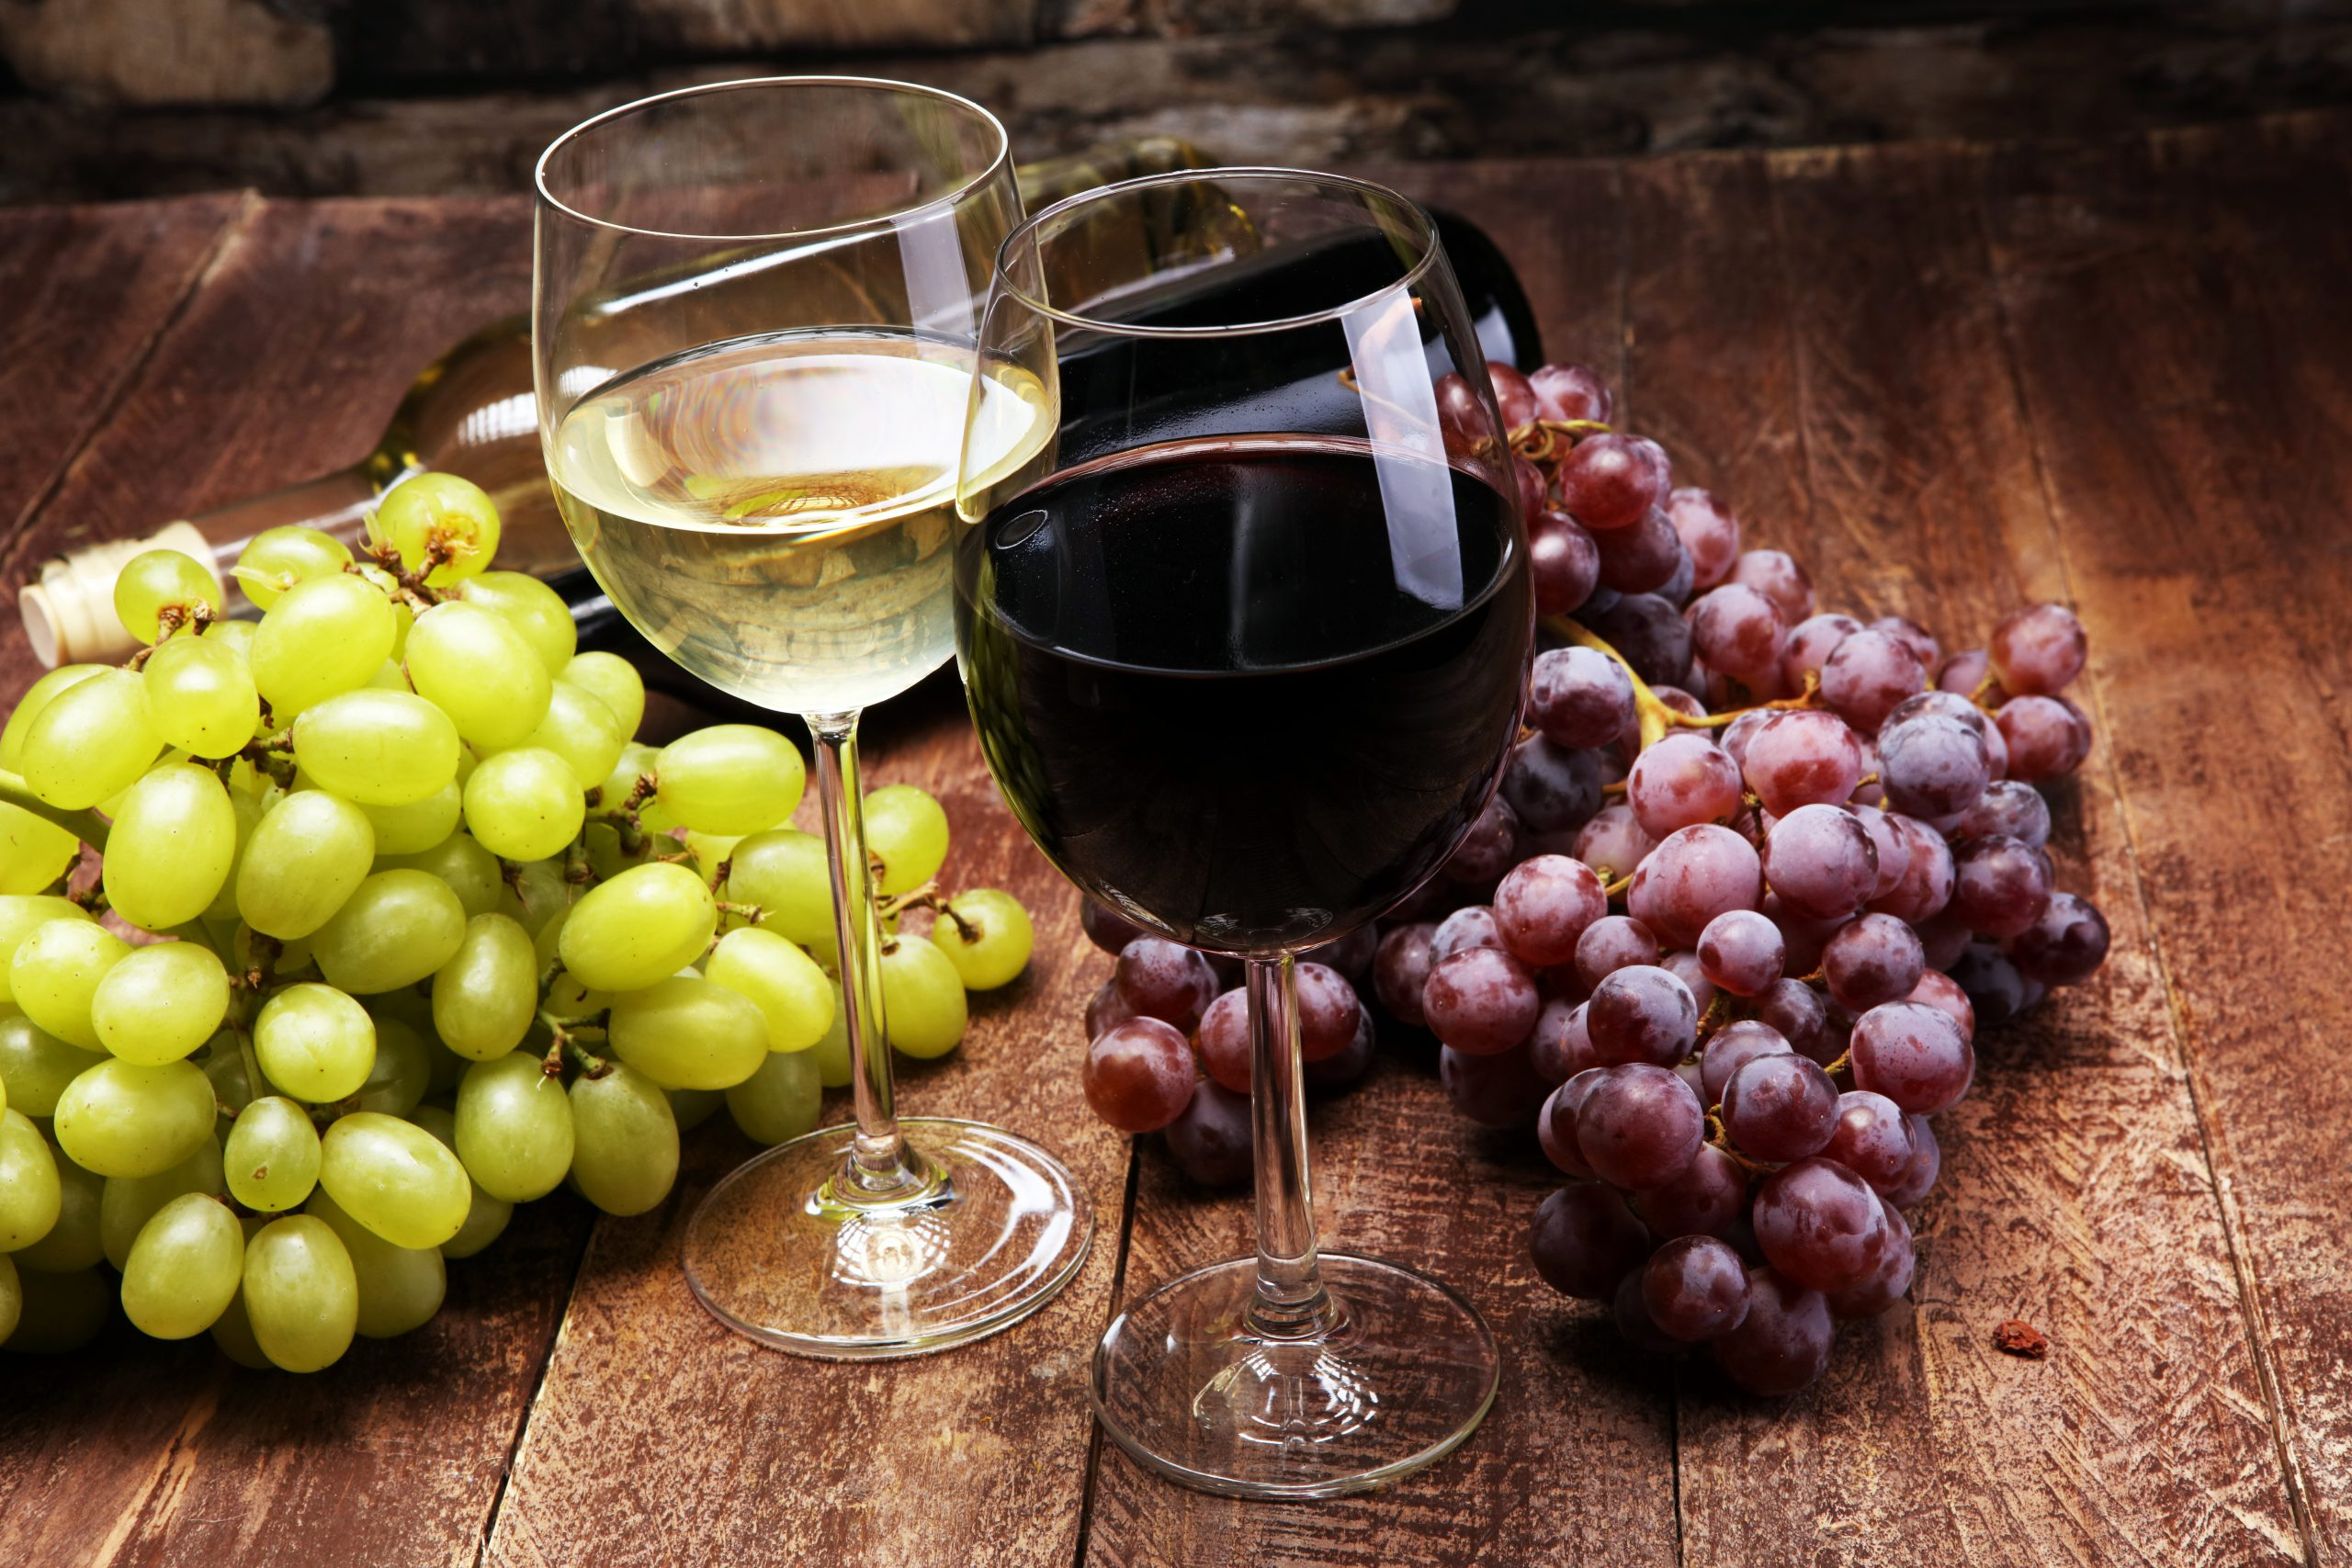 美味しいワインが飲みたい!ワインの選び方とおすすめワインをご紹介